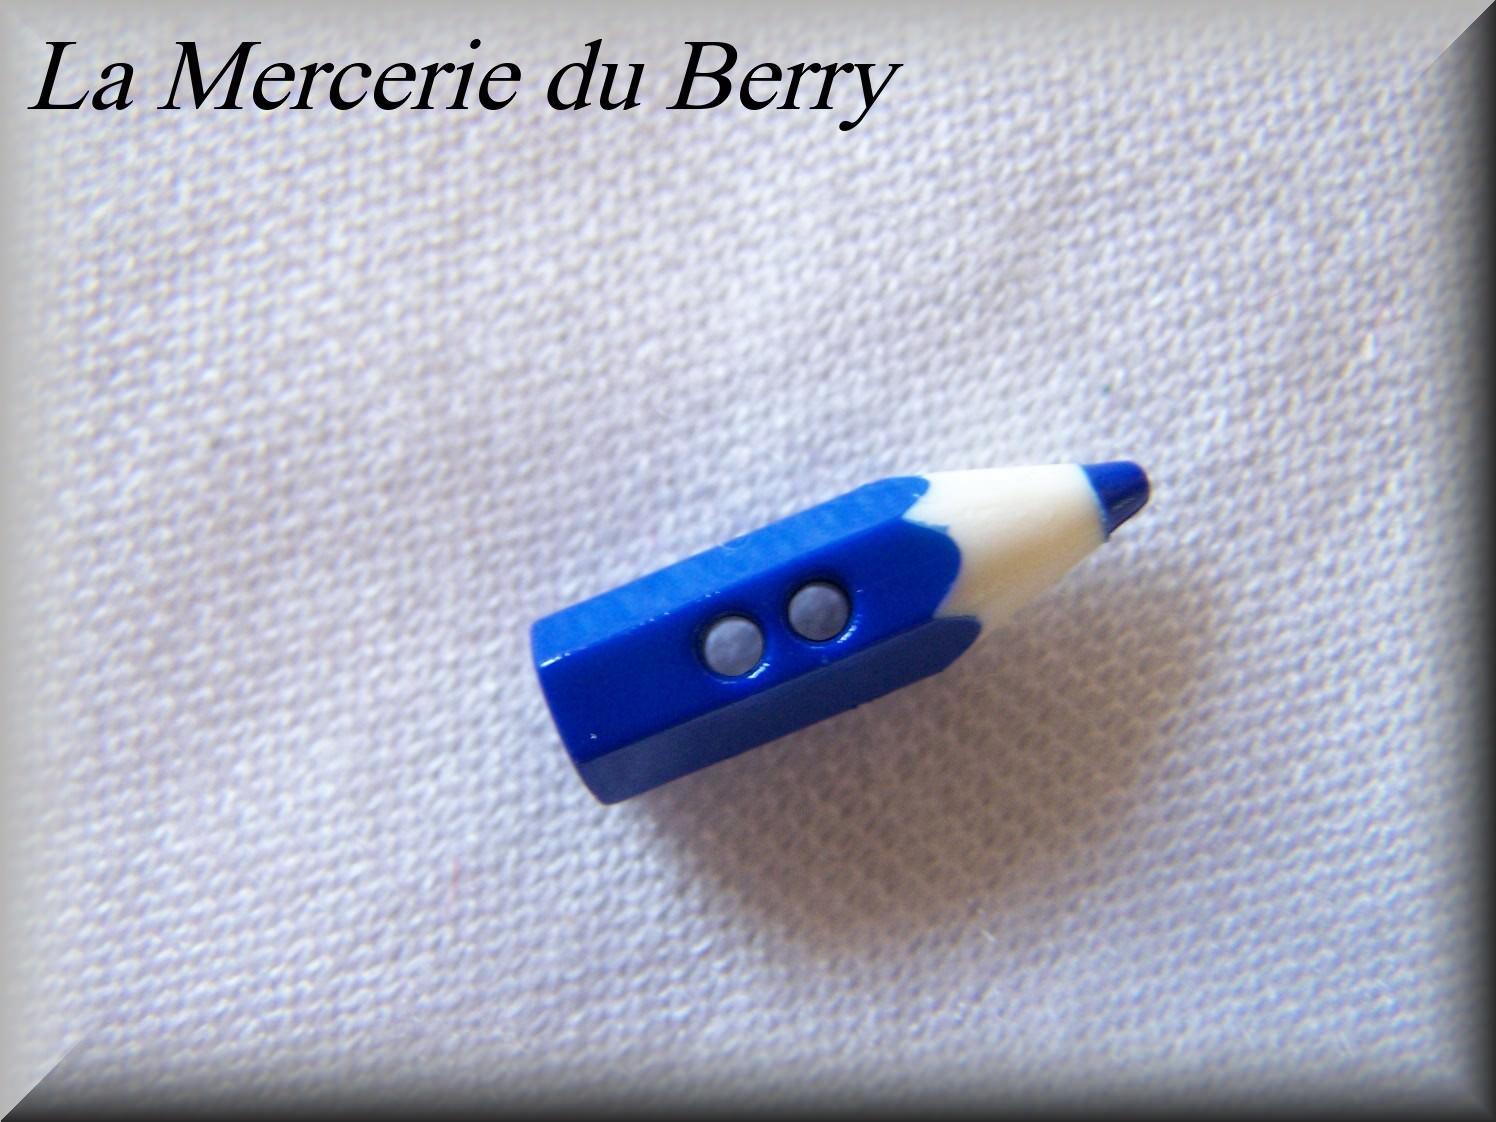 Bouton crayon bleu